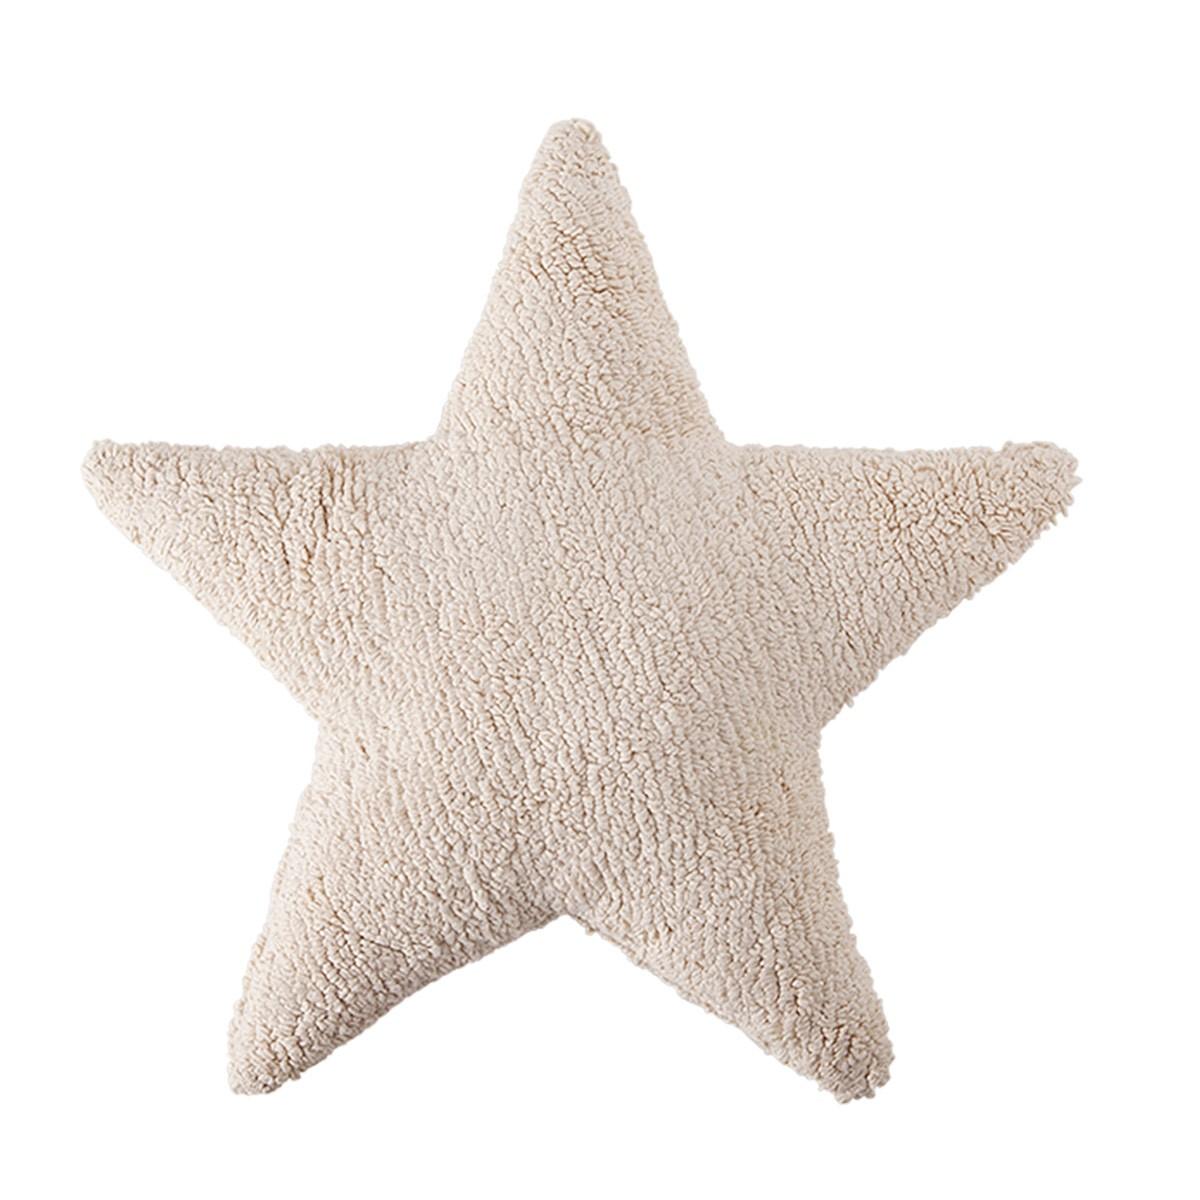 Διακοσμητικό Μαξιλάρι Lorena Canals Star Beige 64581